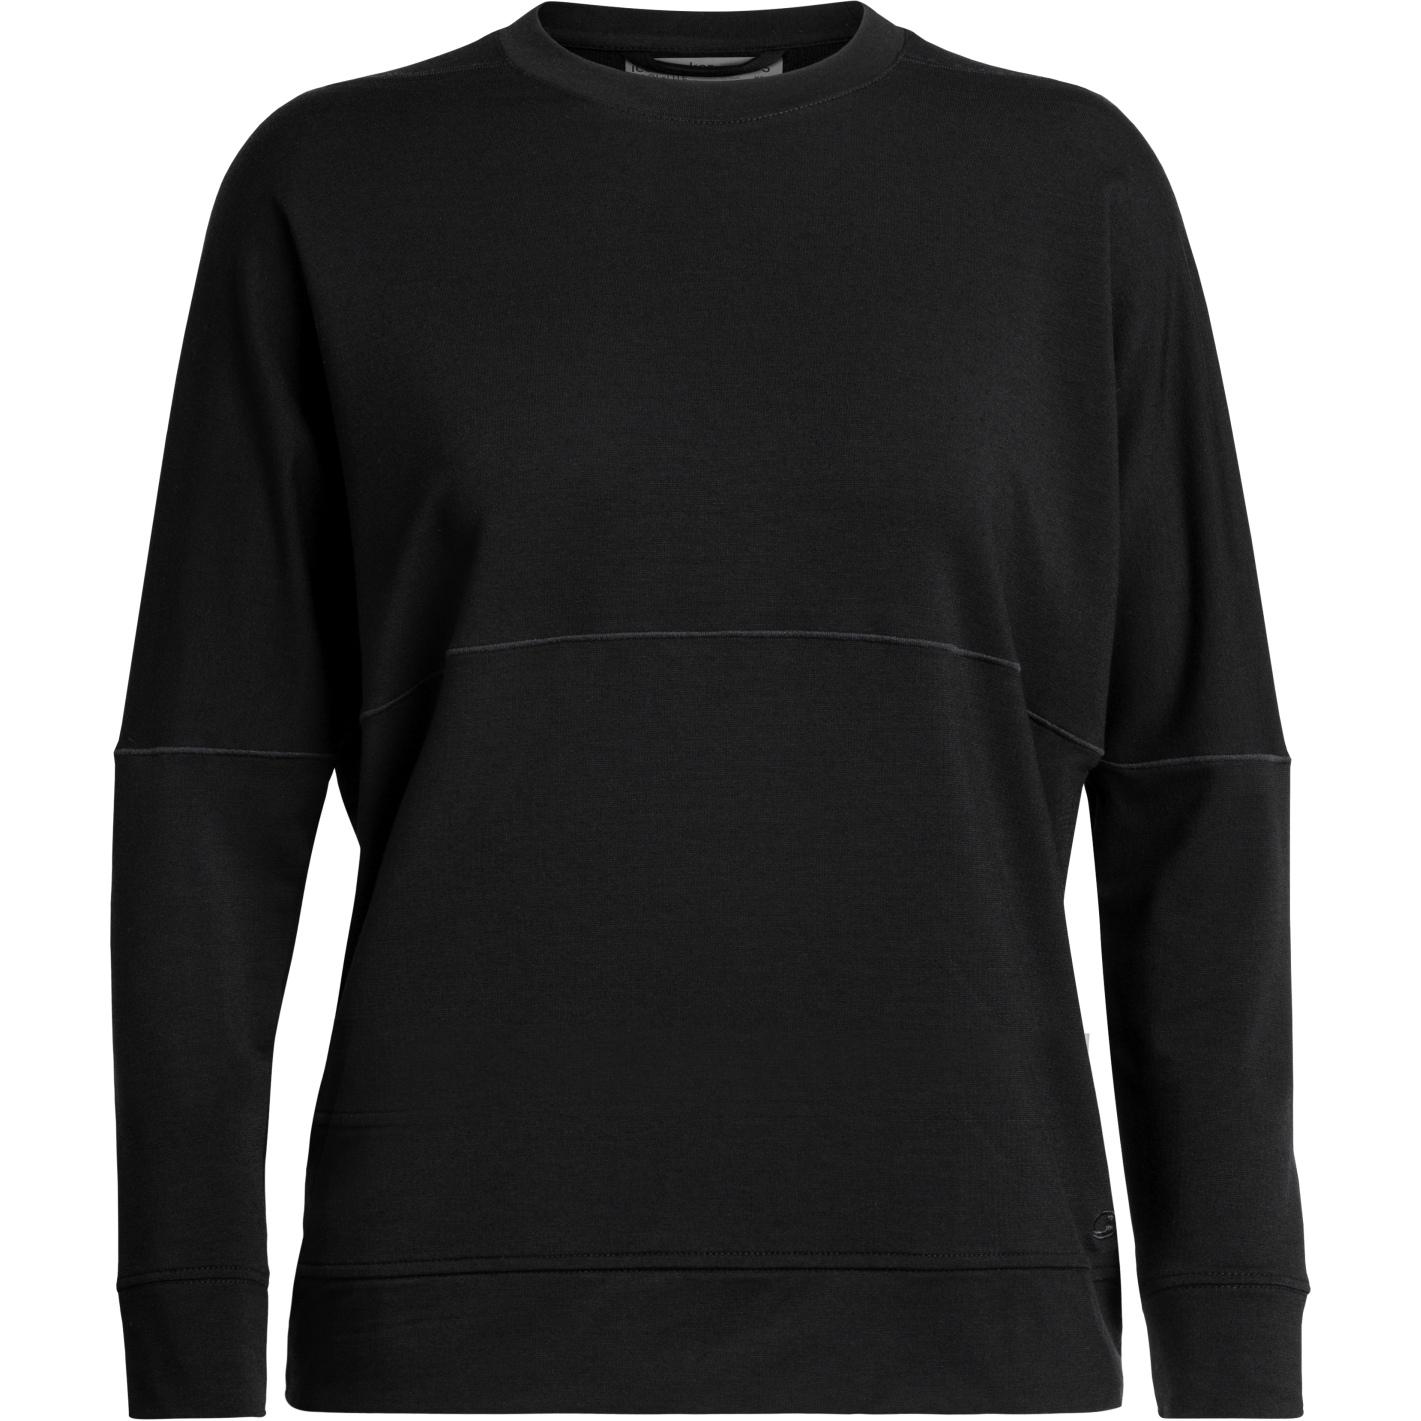 Produktbild von Icebreaker Momentum Crewe Damen Langarmshirt - Black